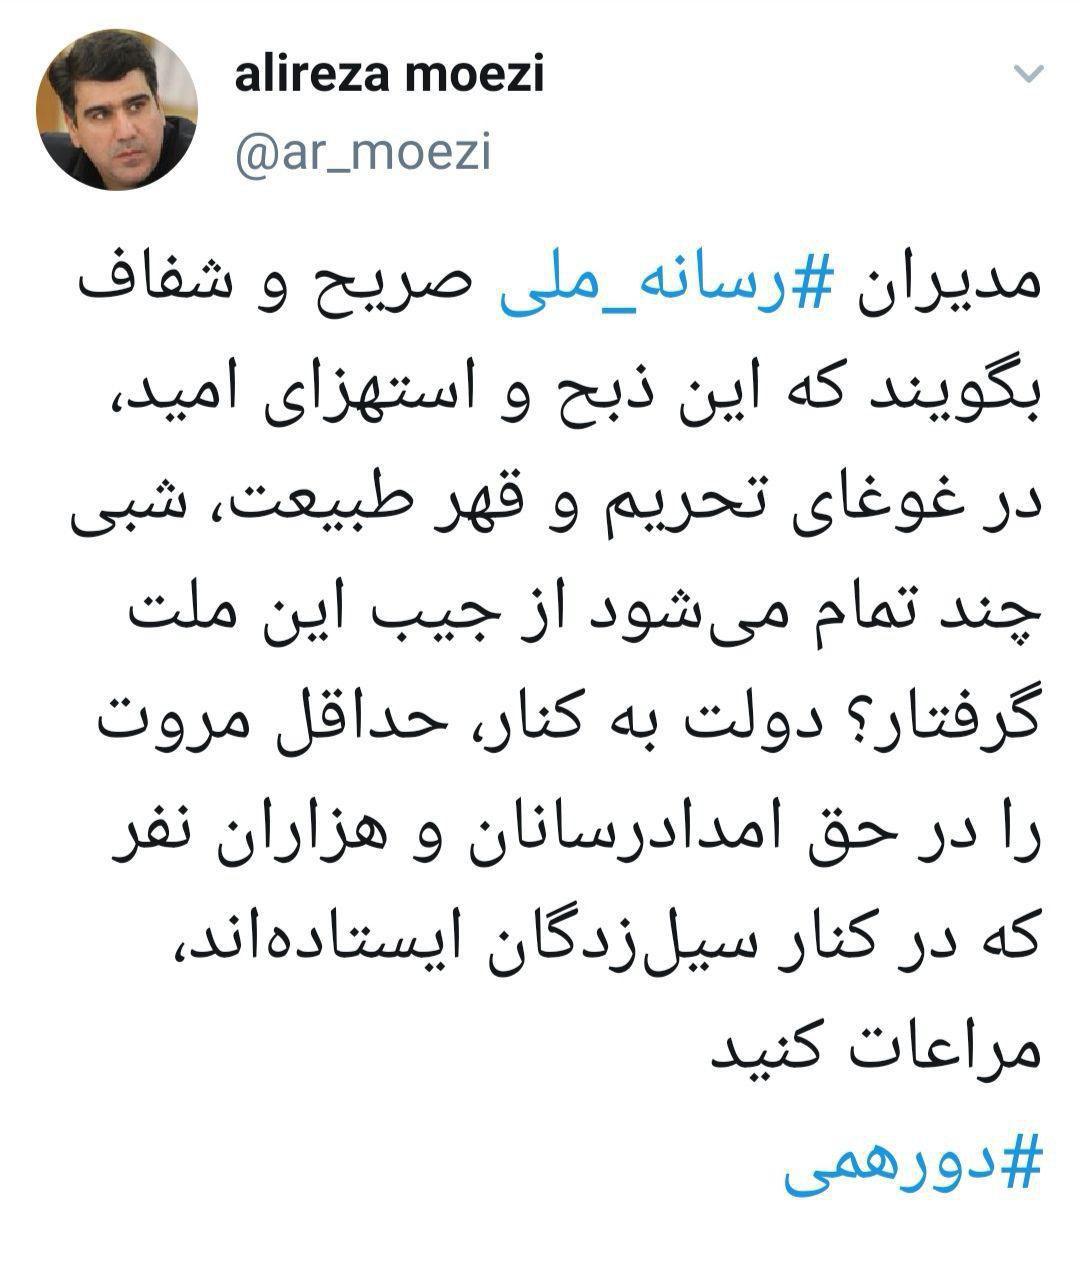 انتقاد دبیر شورای اطلاعرسانی دولت از مدیران صداوسیما در خصوص برنامه دورهمی